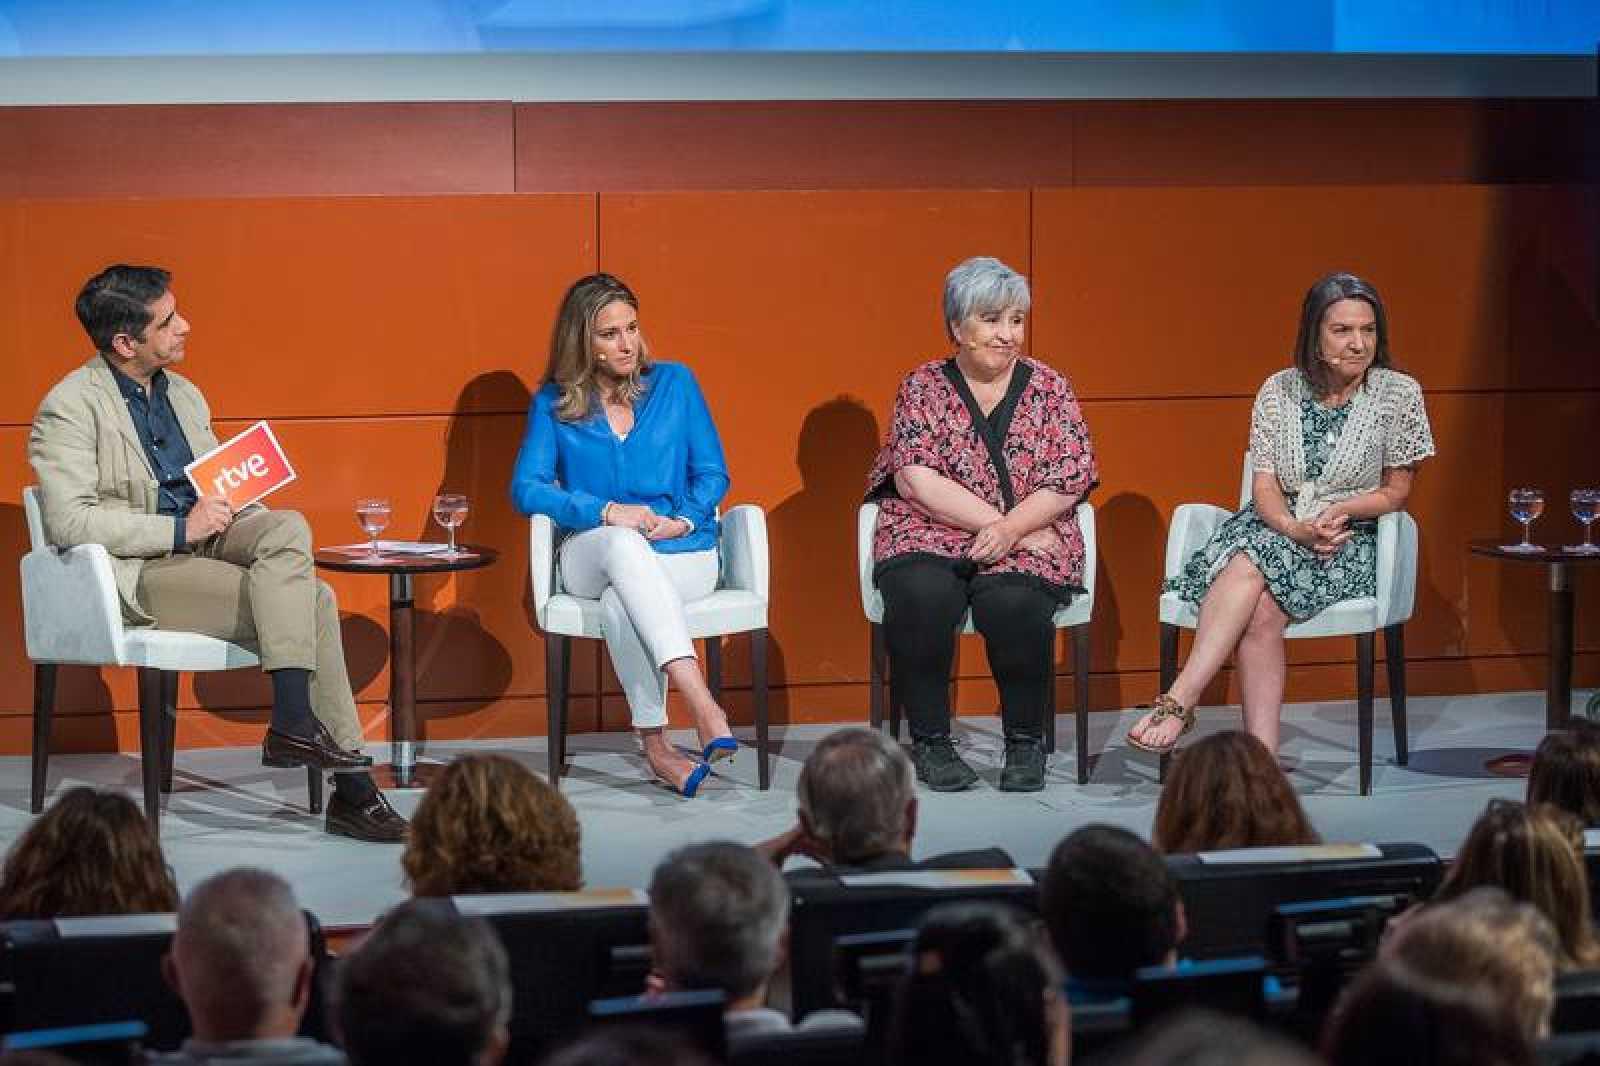 Encuentro responsable de RTVE 'Educación no sexista'